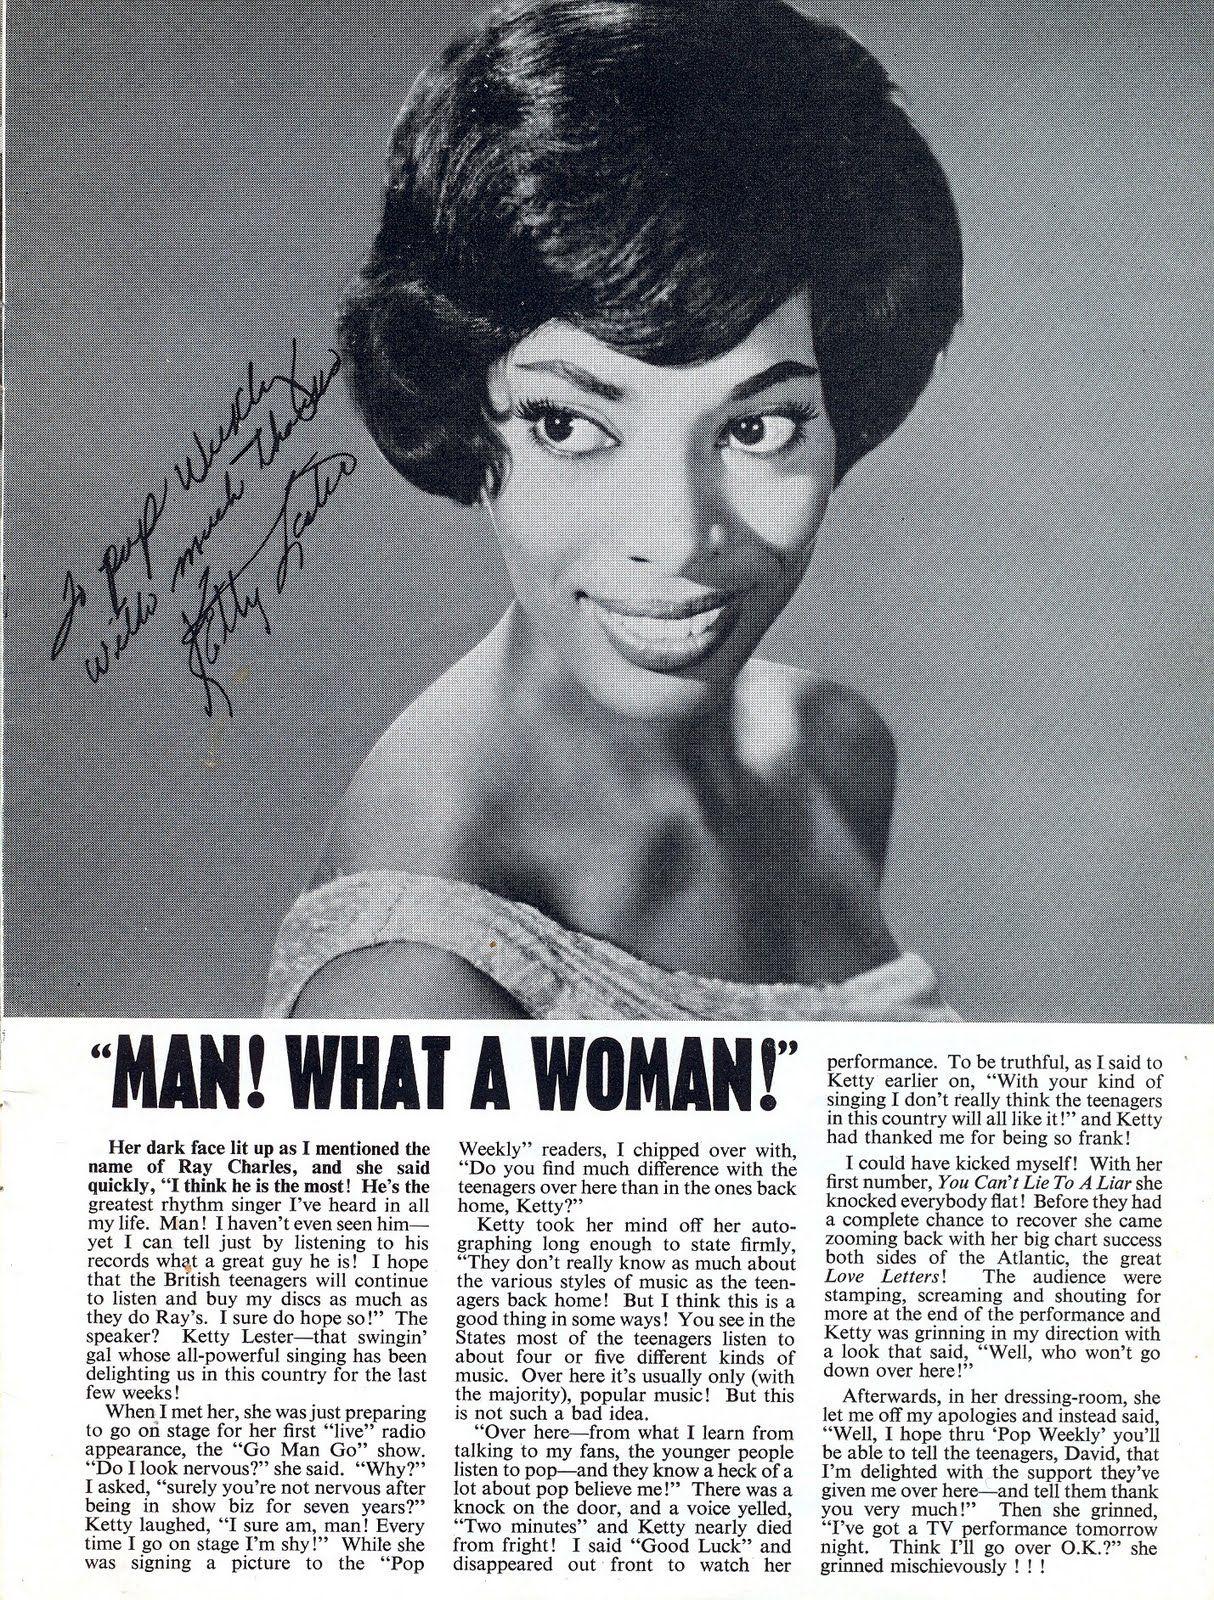 ketty lester | hey ladies, you rock | vintage newspaper